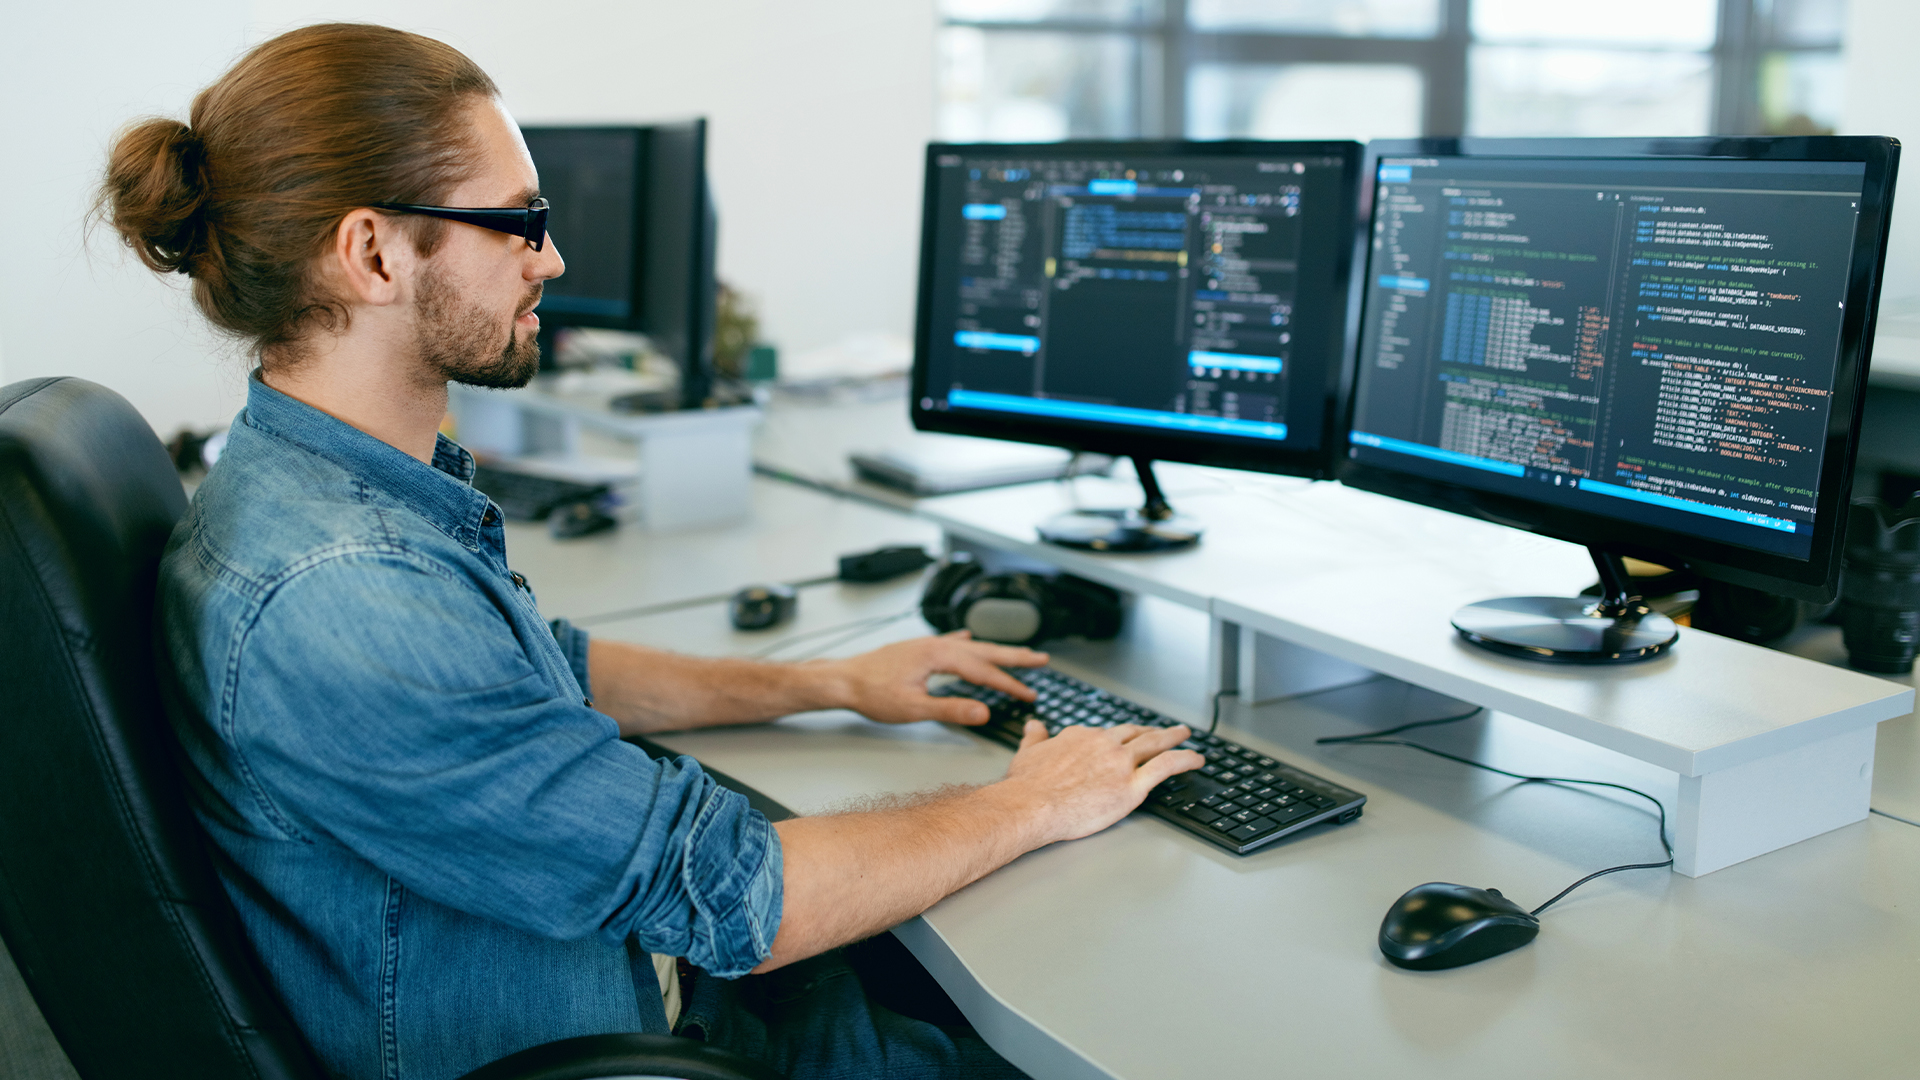 Программисты - востребованная и высокооплачиваемая специальность